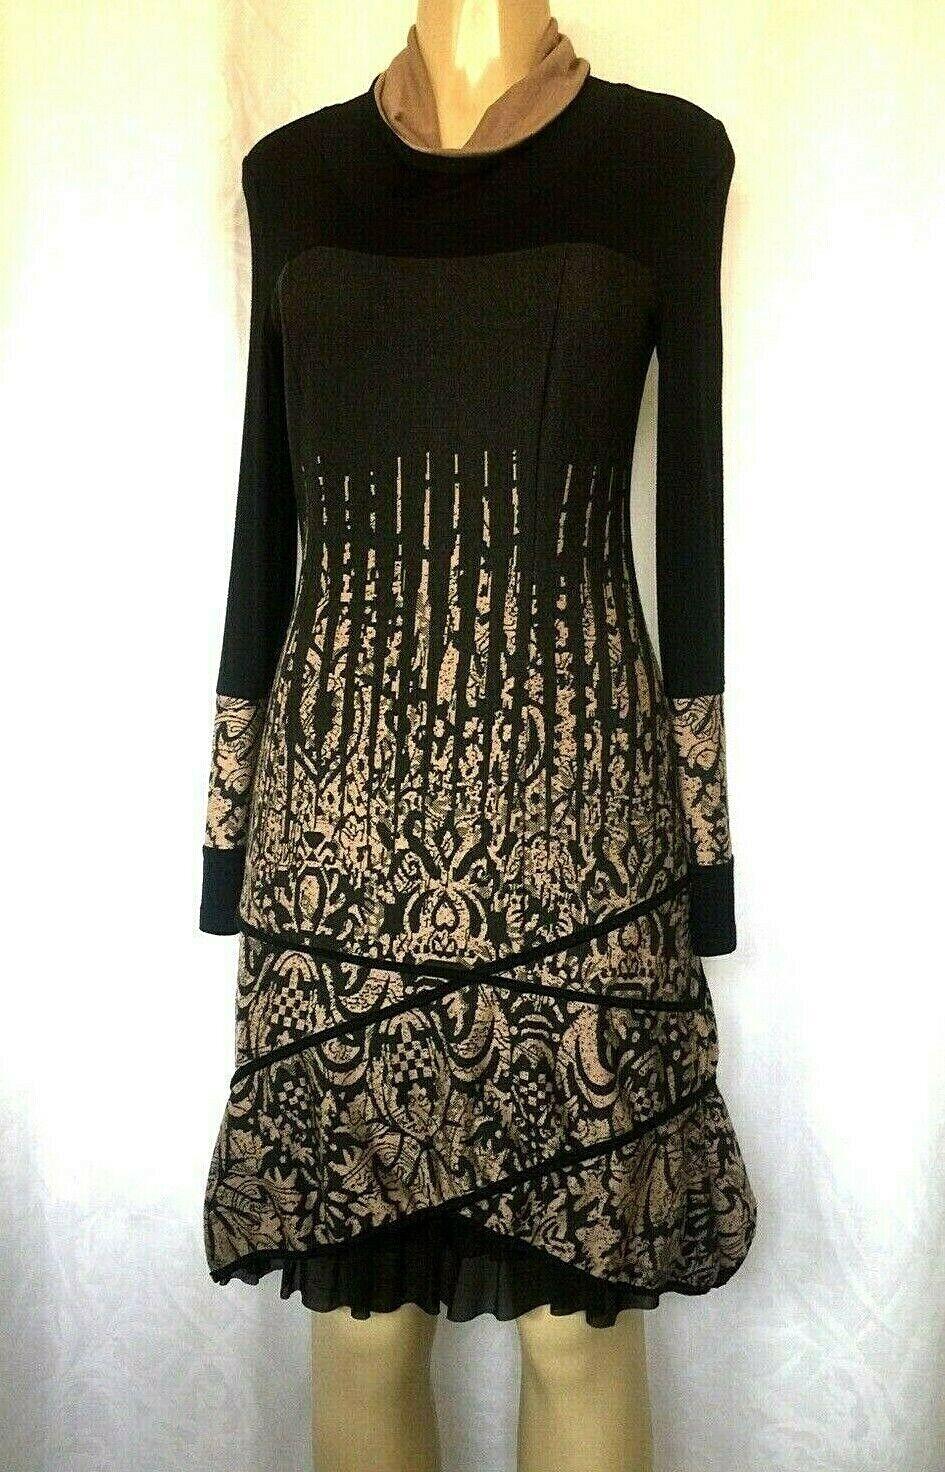 C'FAIT POUR VOUS Paris Knit Dress schwarz Tan braun Long Sleeve Draped Neck Ruffle